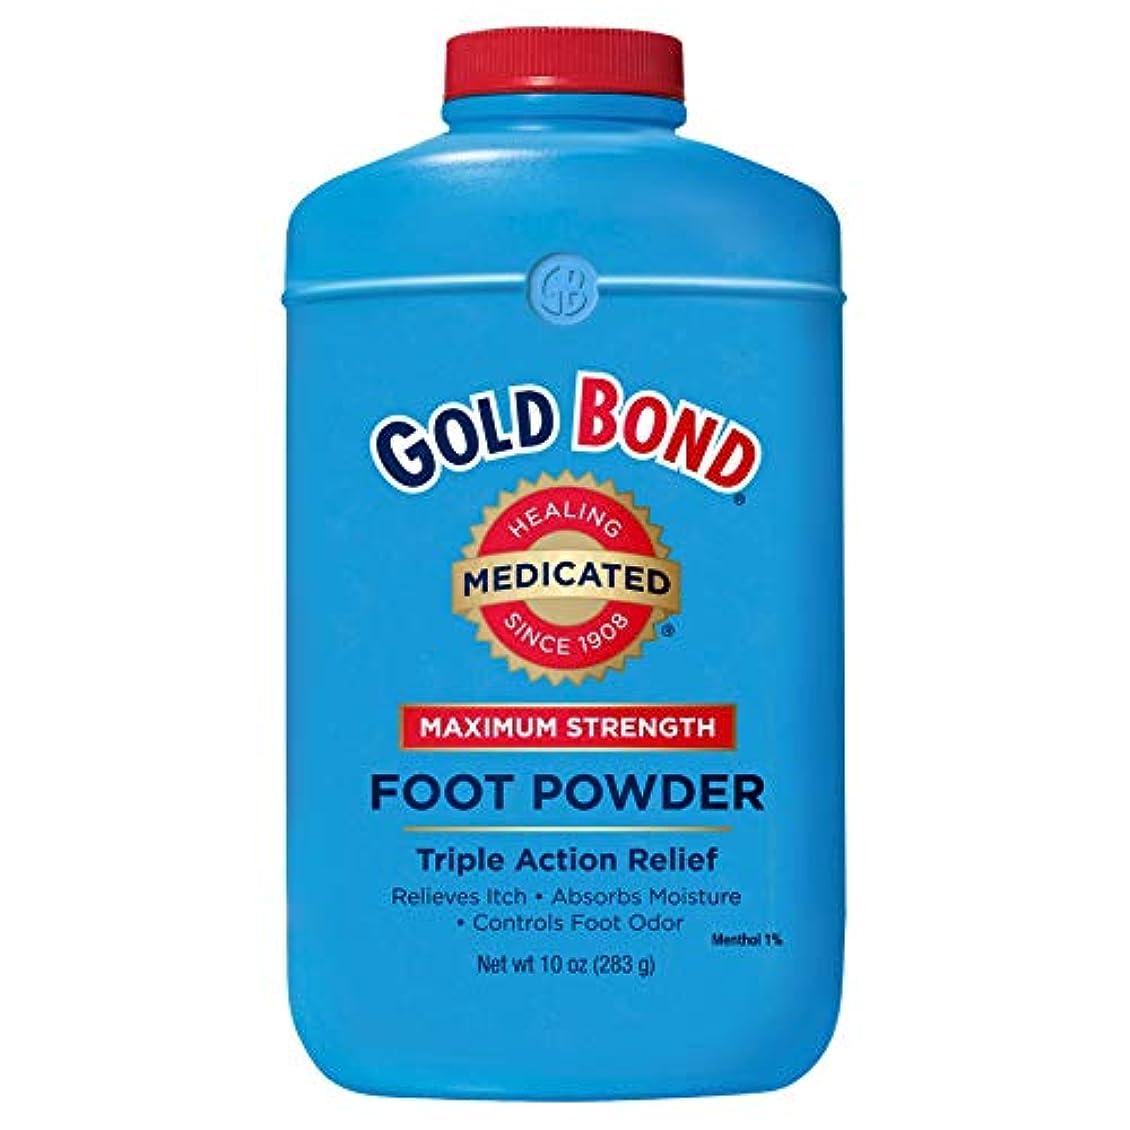 食器棚皮肉恐怖症Gold Bond 足Pwdのサイズ10Z薬用フットパウダートリプルアクション救済 4パック